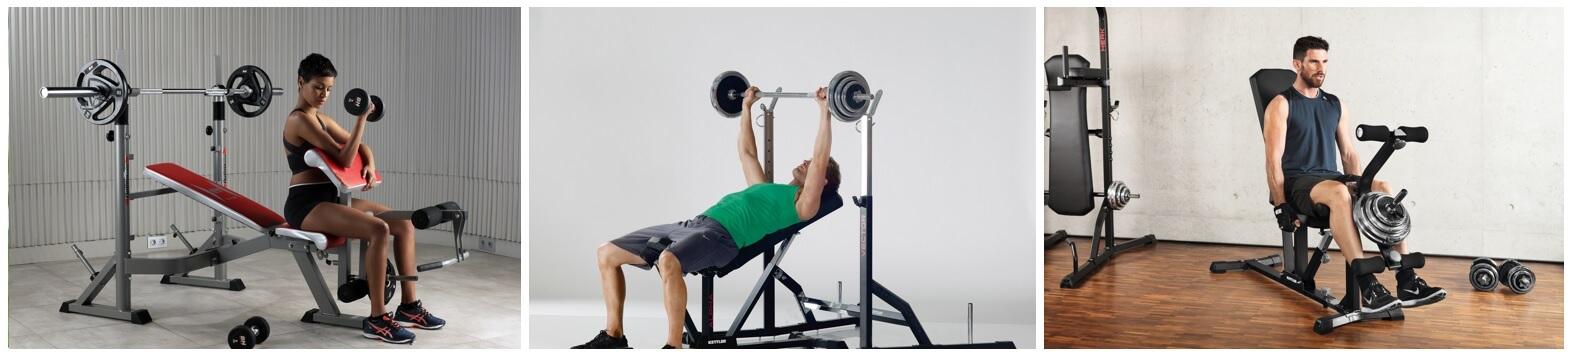 questions banc de musculation